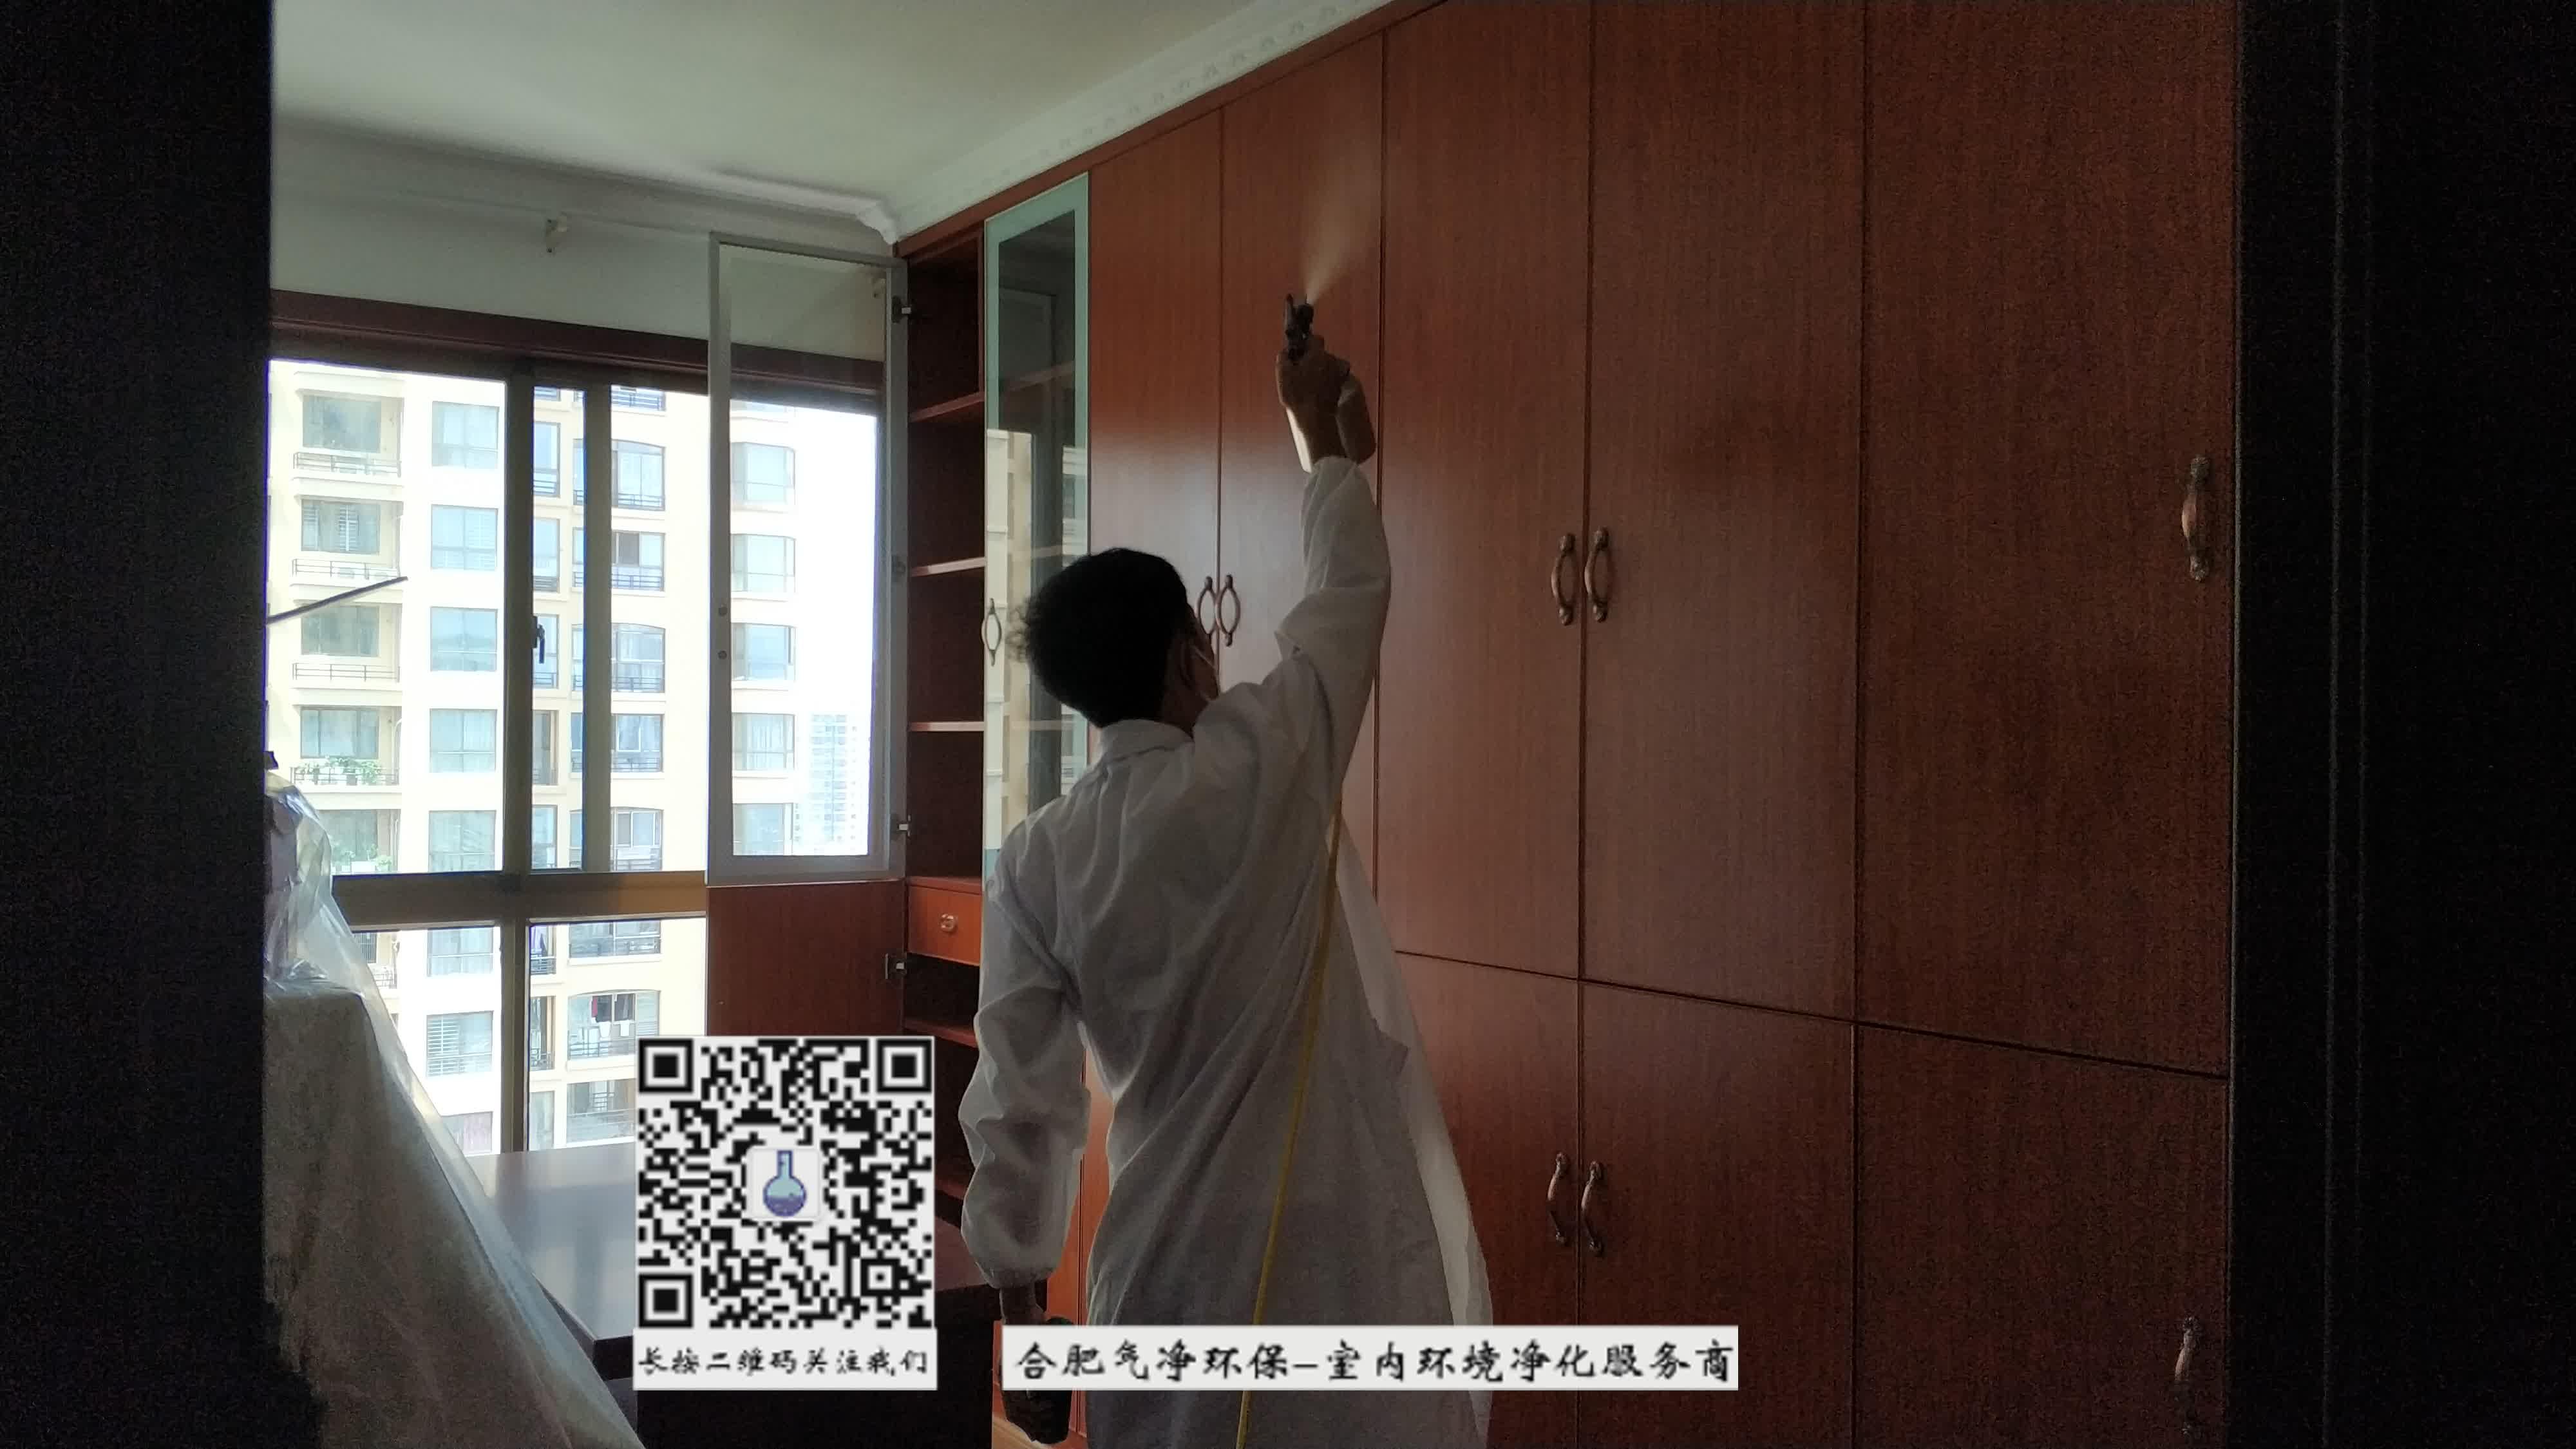 水印图片by水印王_20180726-192033960